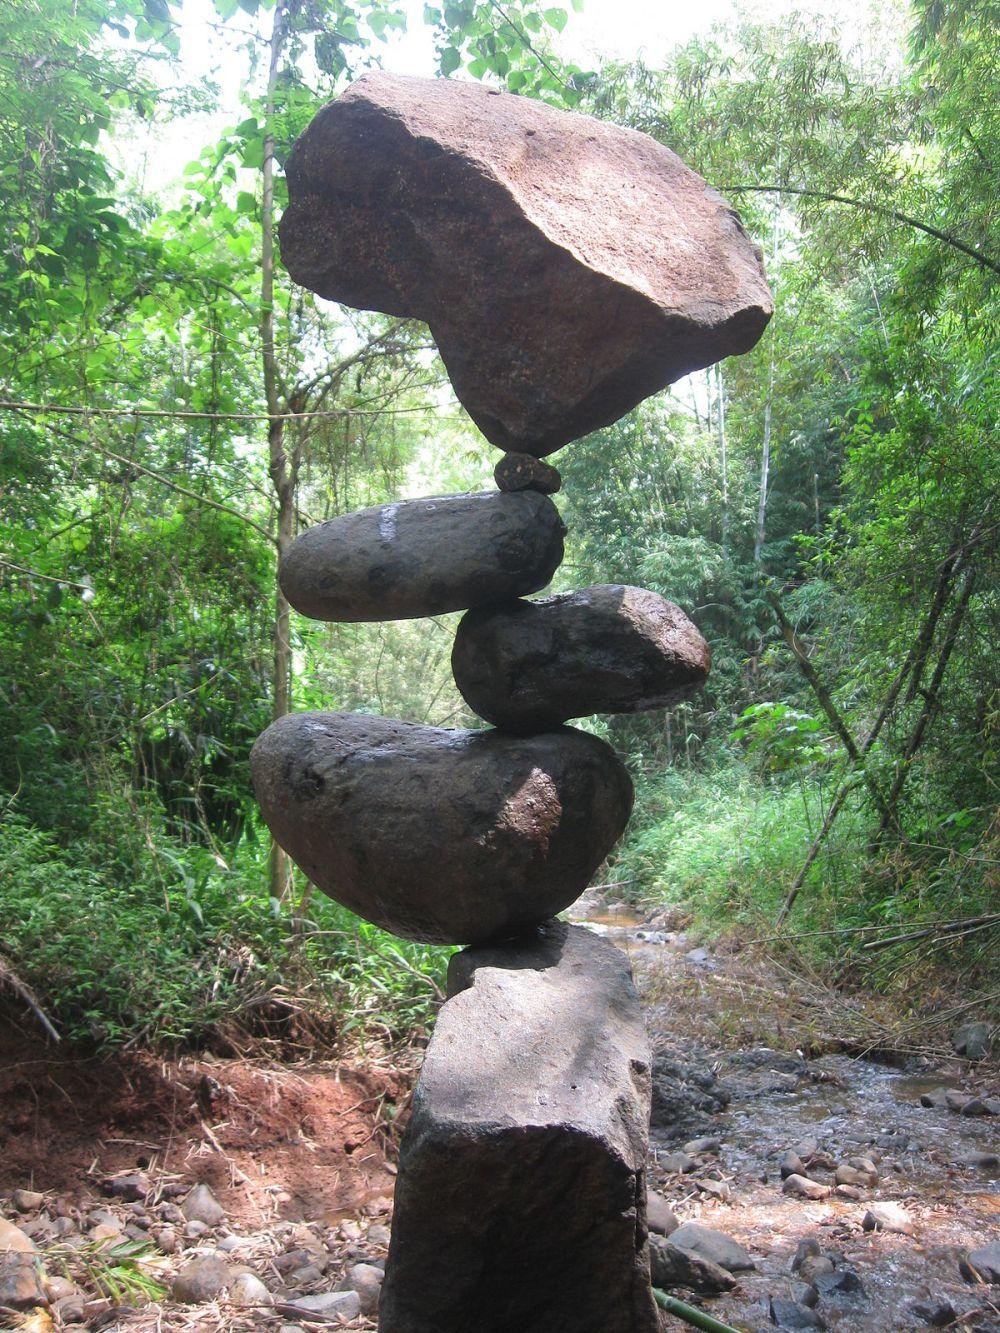 1200px-Rock_balancing_(Counter_Balance)